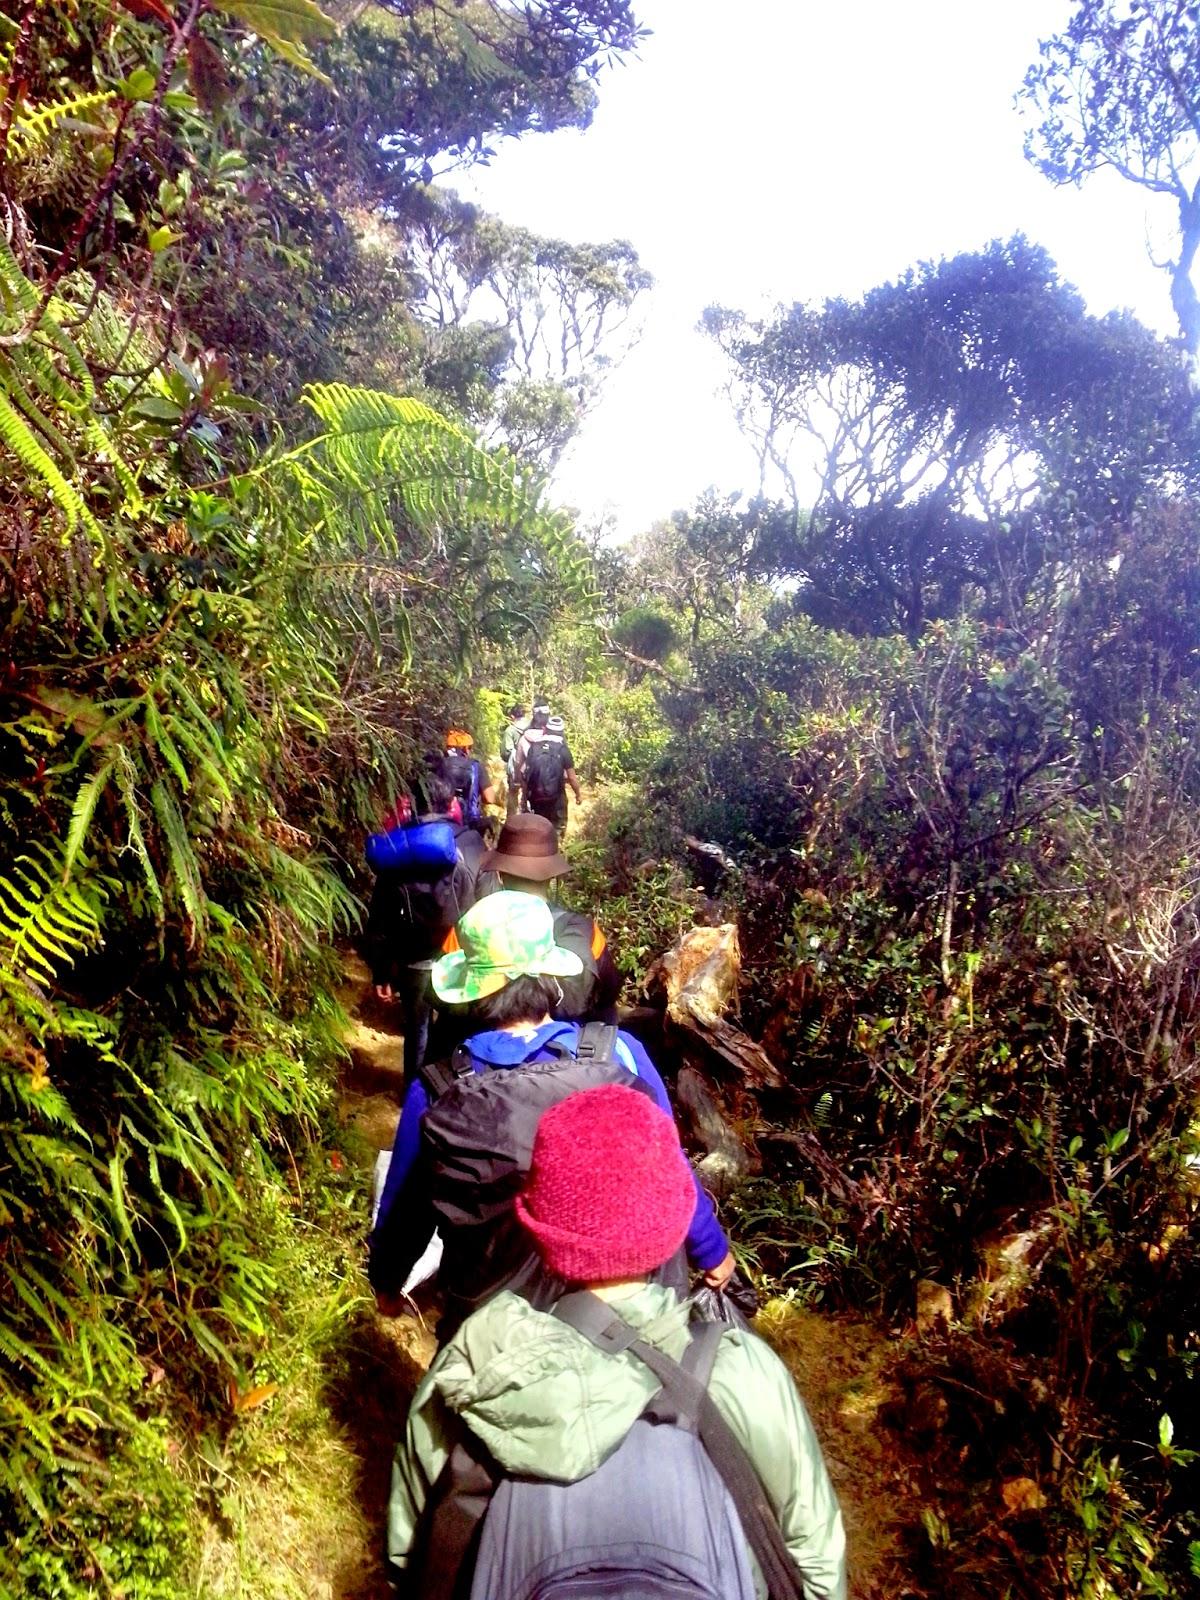 Trekking Ambaneg Trail